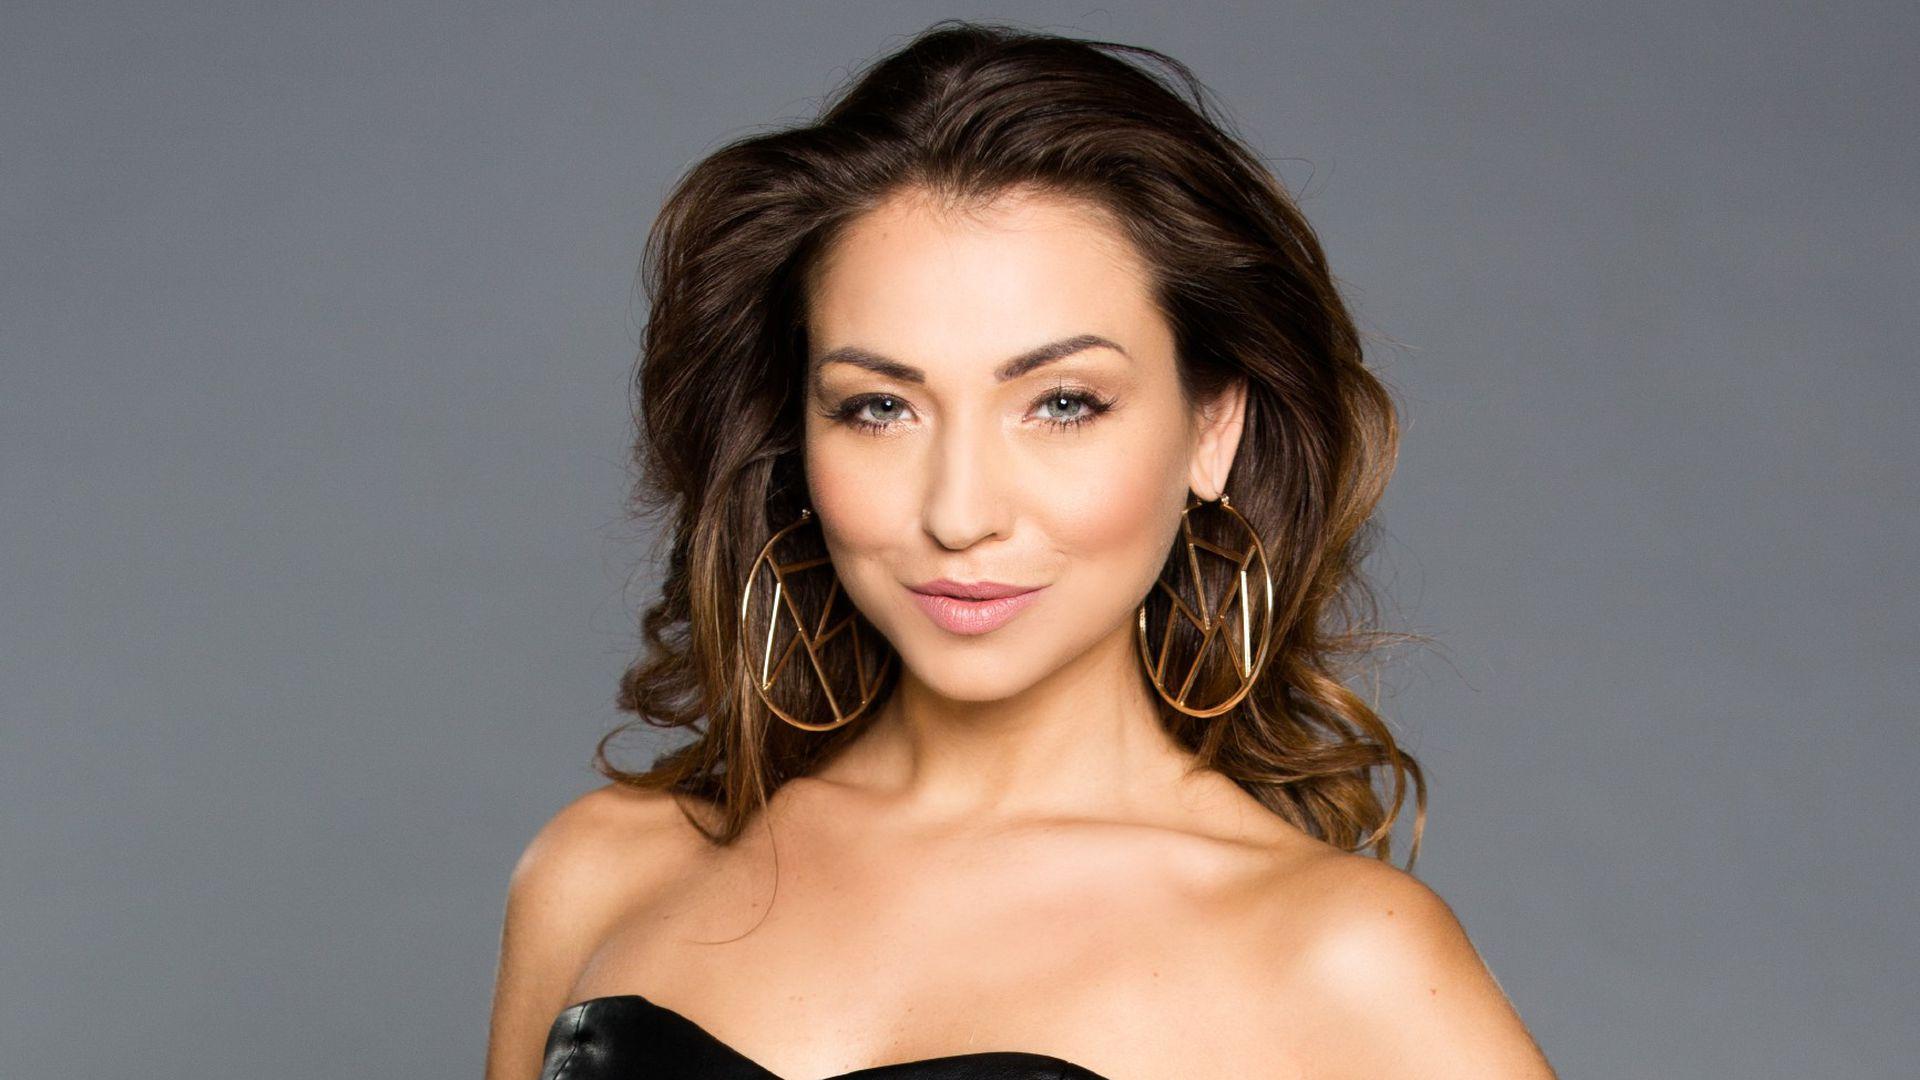 Kristina Bachelor